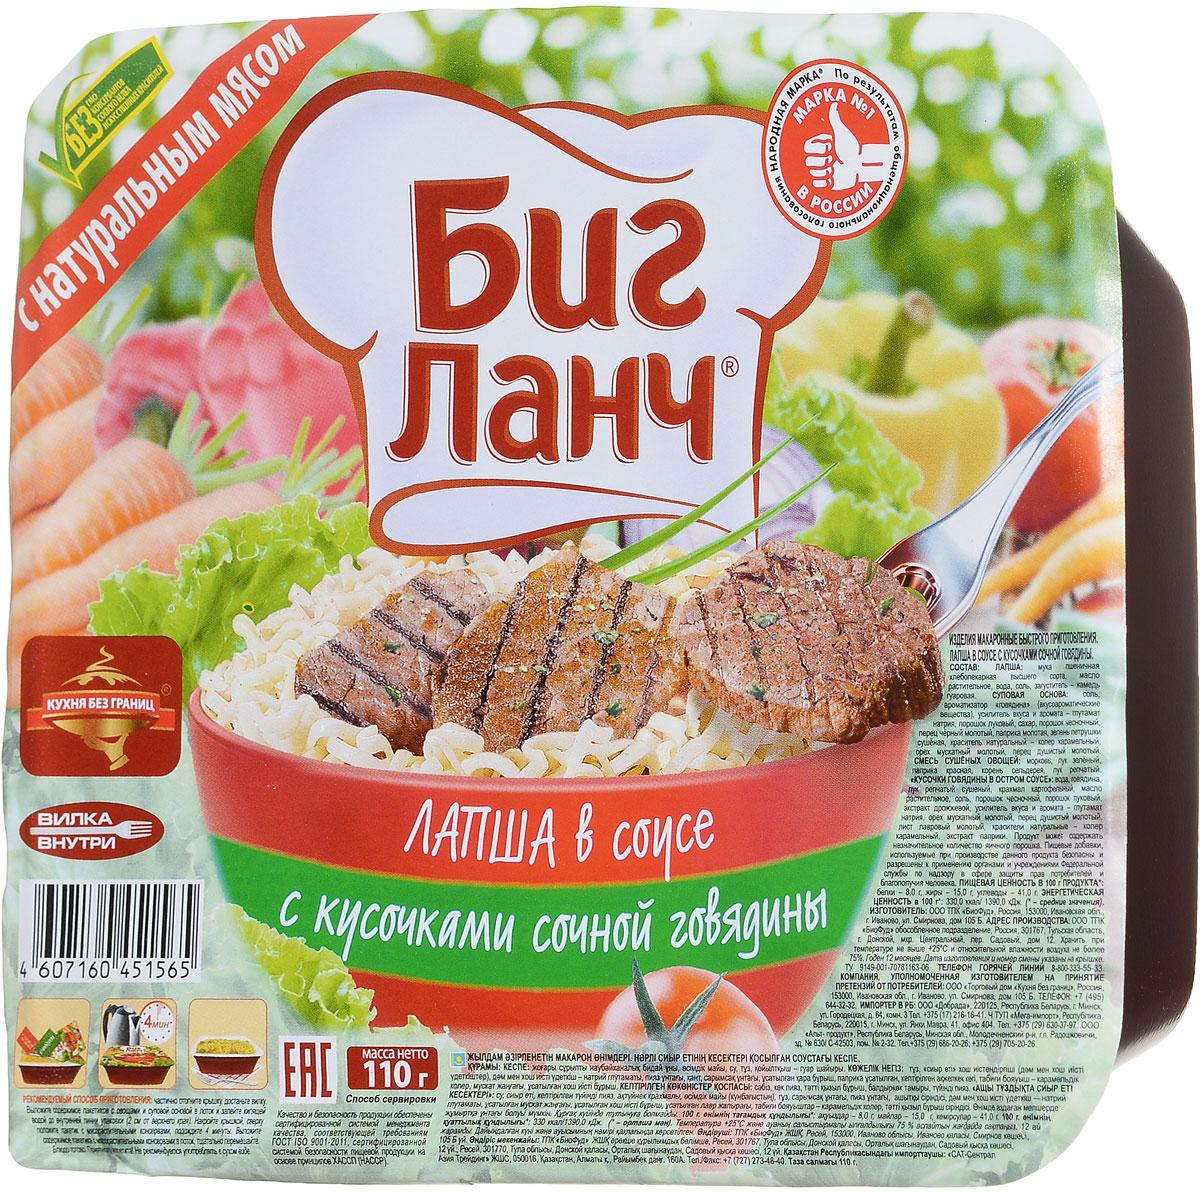 Биг Ланч Лапша быстрого приготовления в соусе с кусочками сочной говядины, 110 г